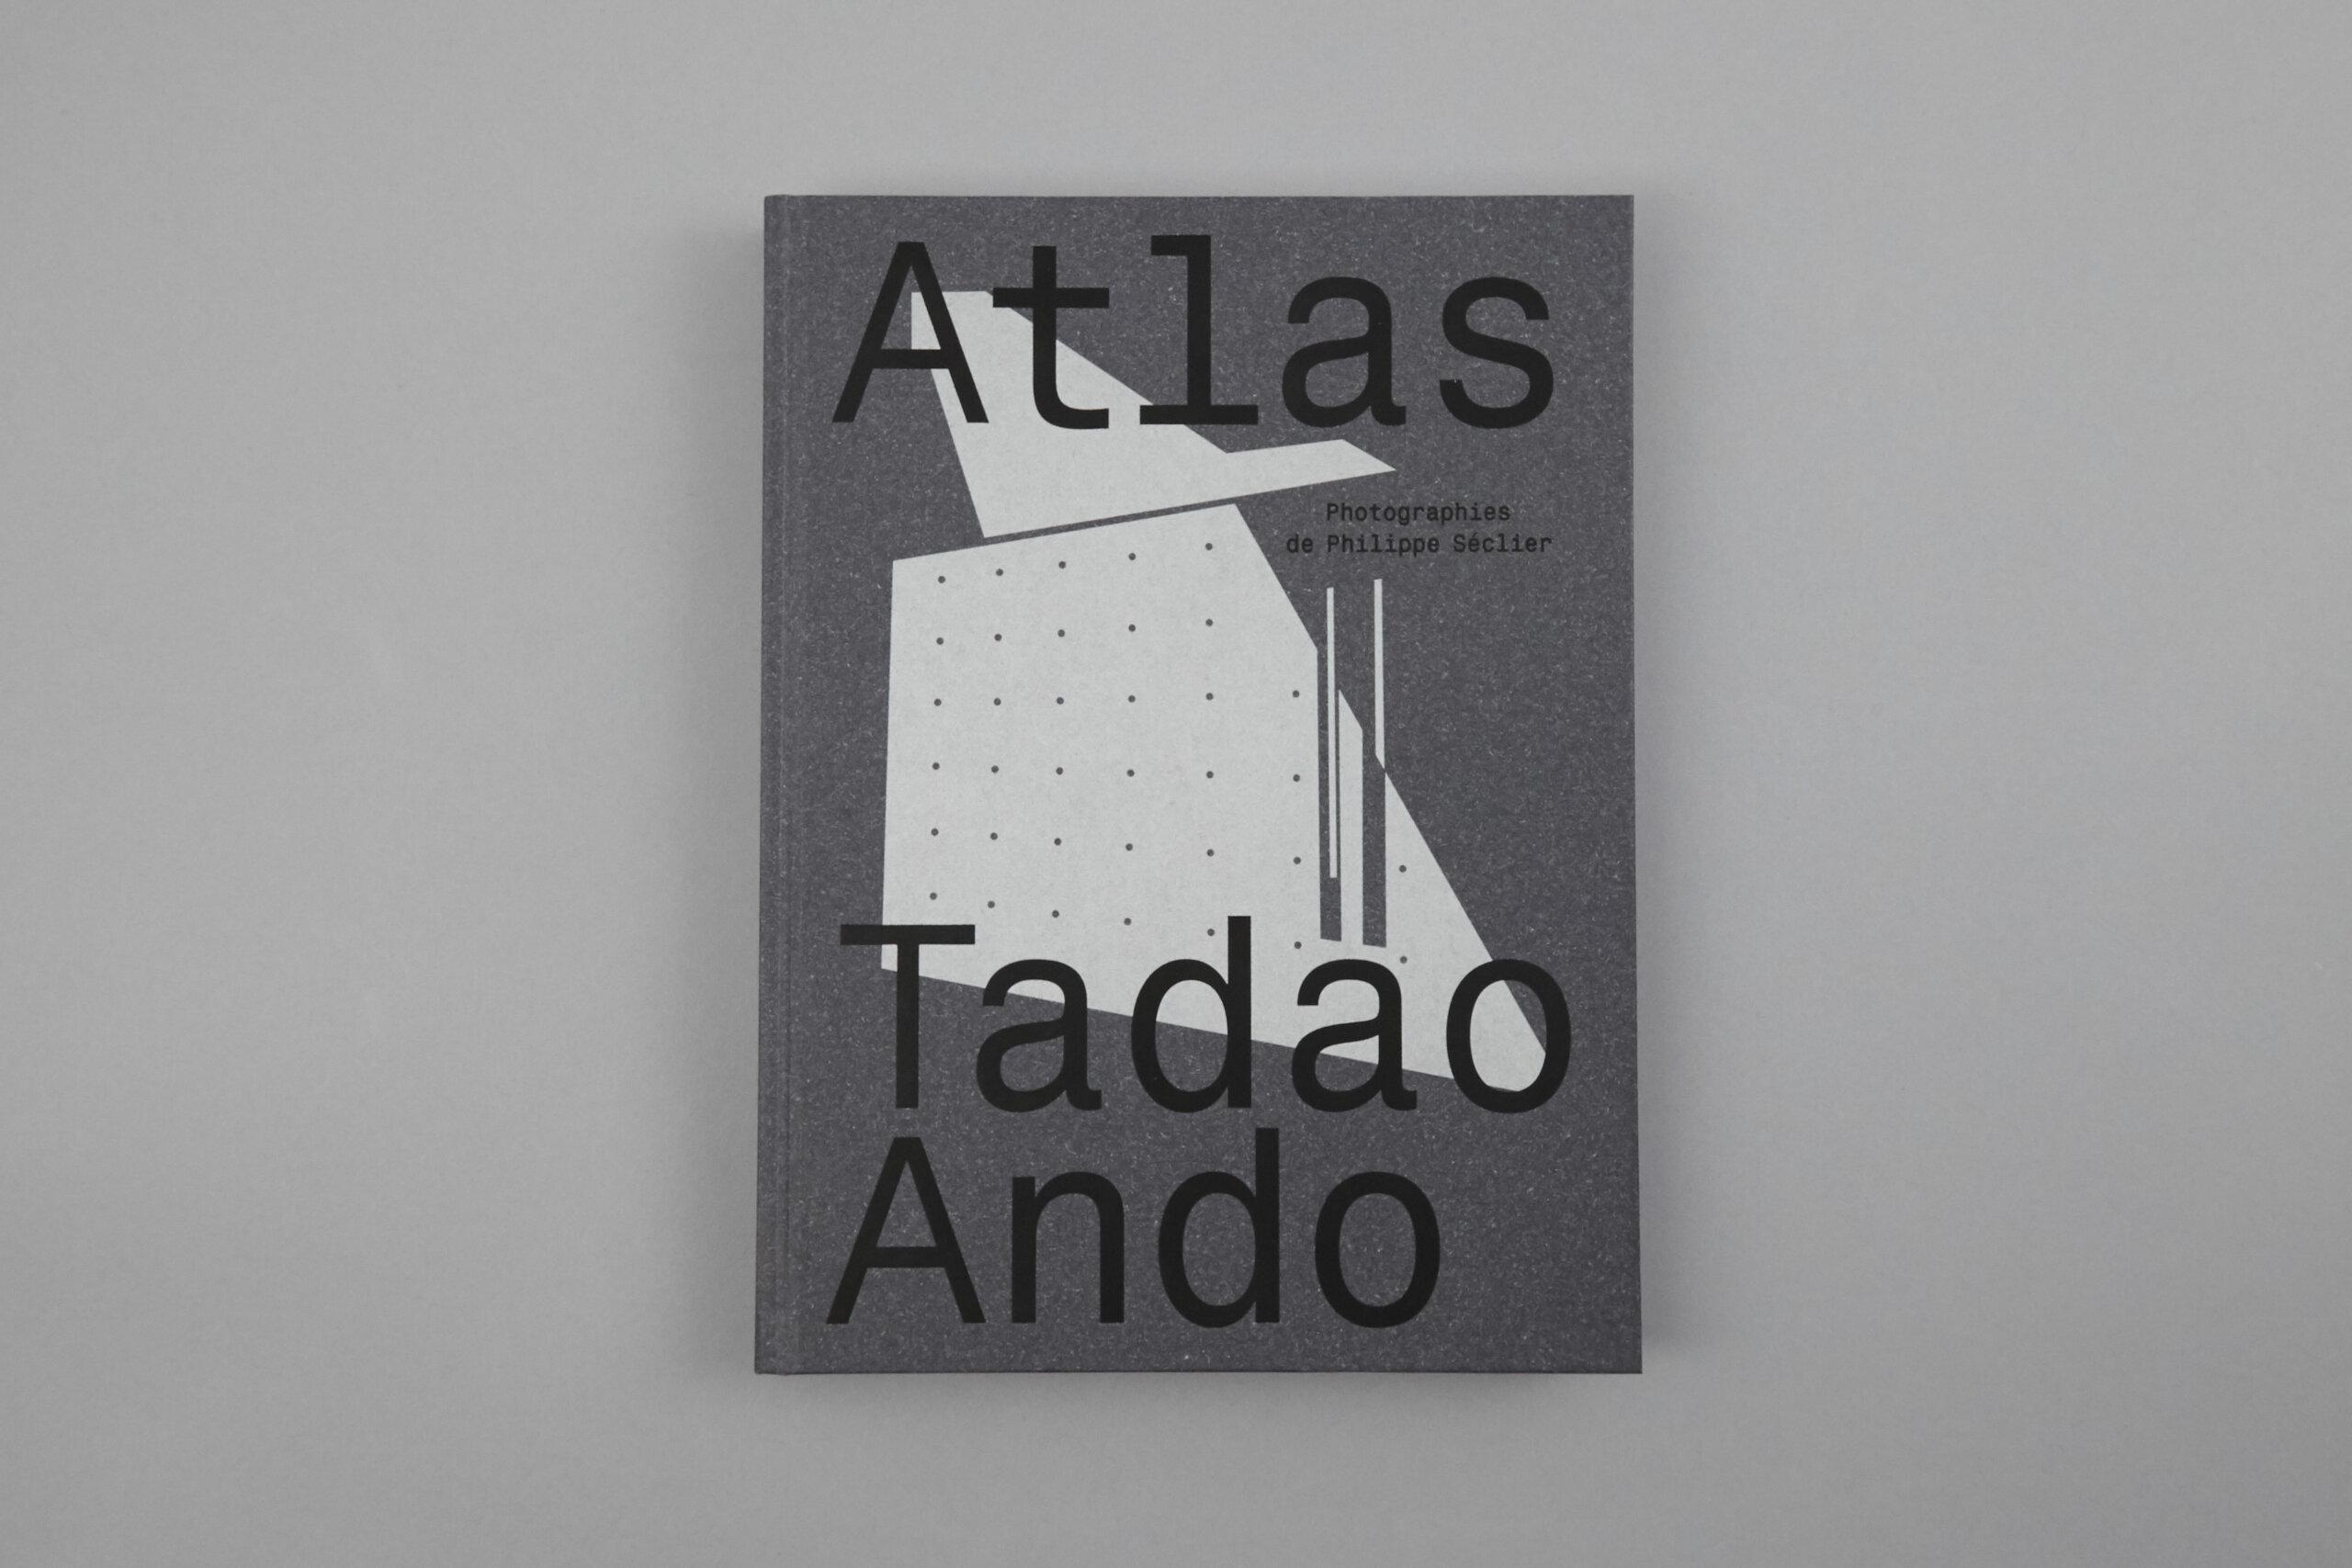 atlas-tadao-ando-delpire-1